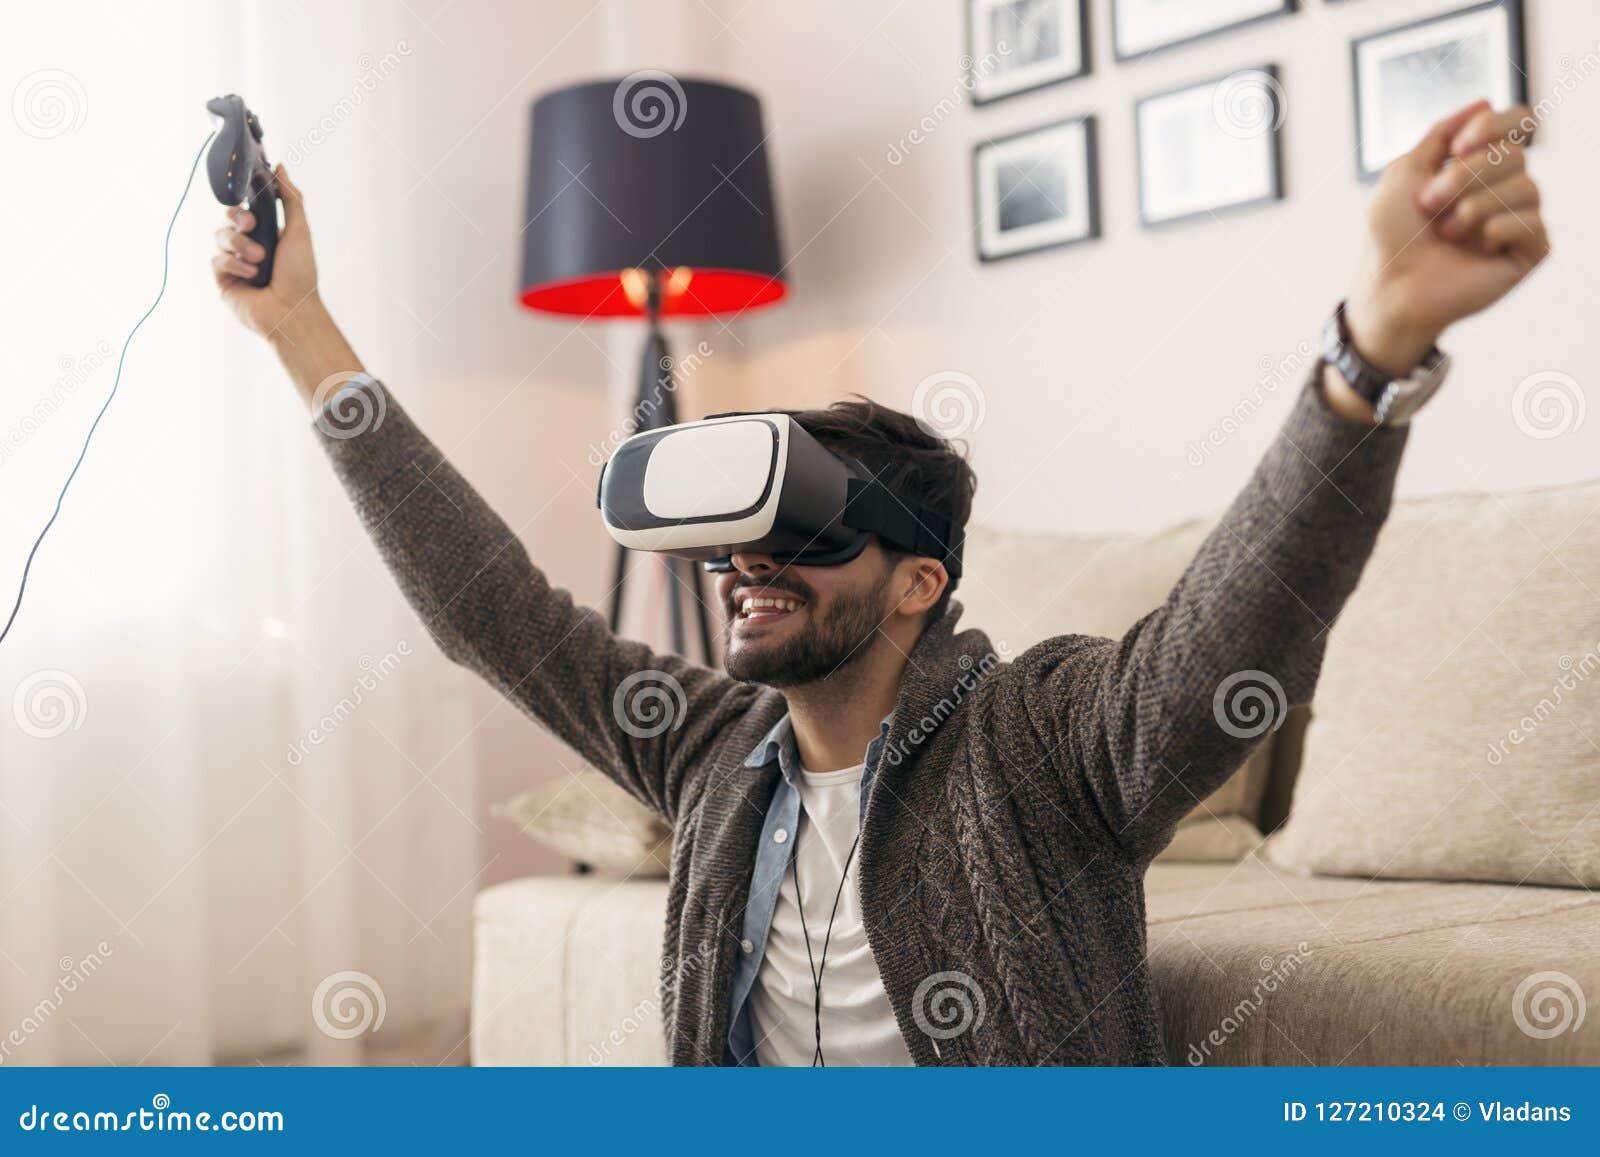 Spielen eines VR-Spiels